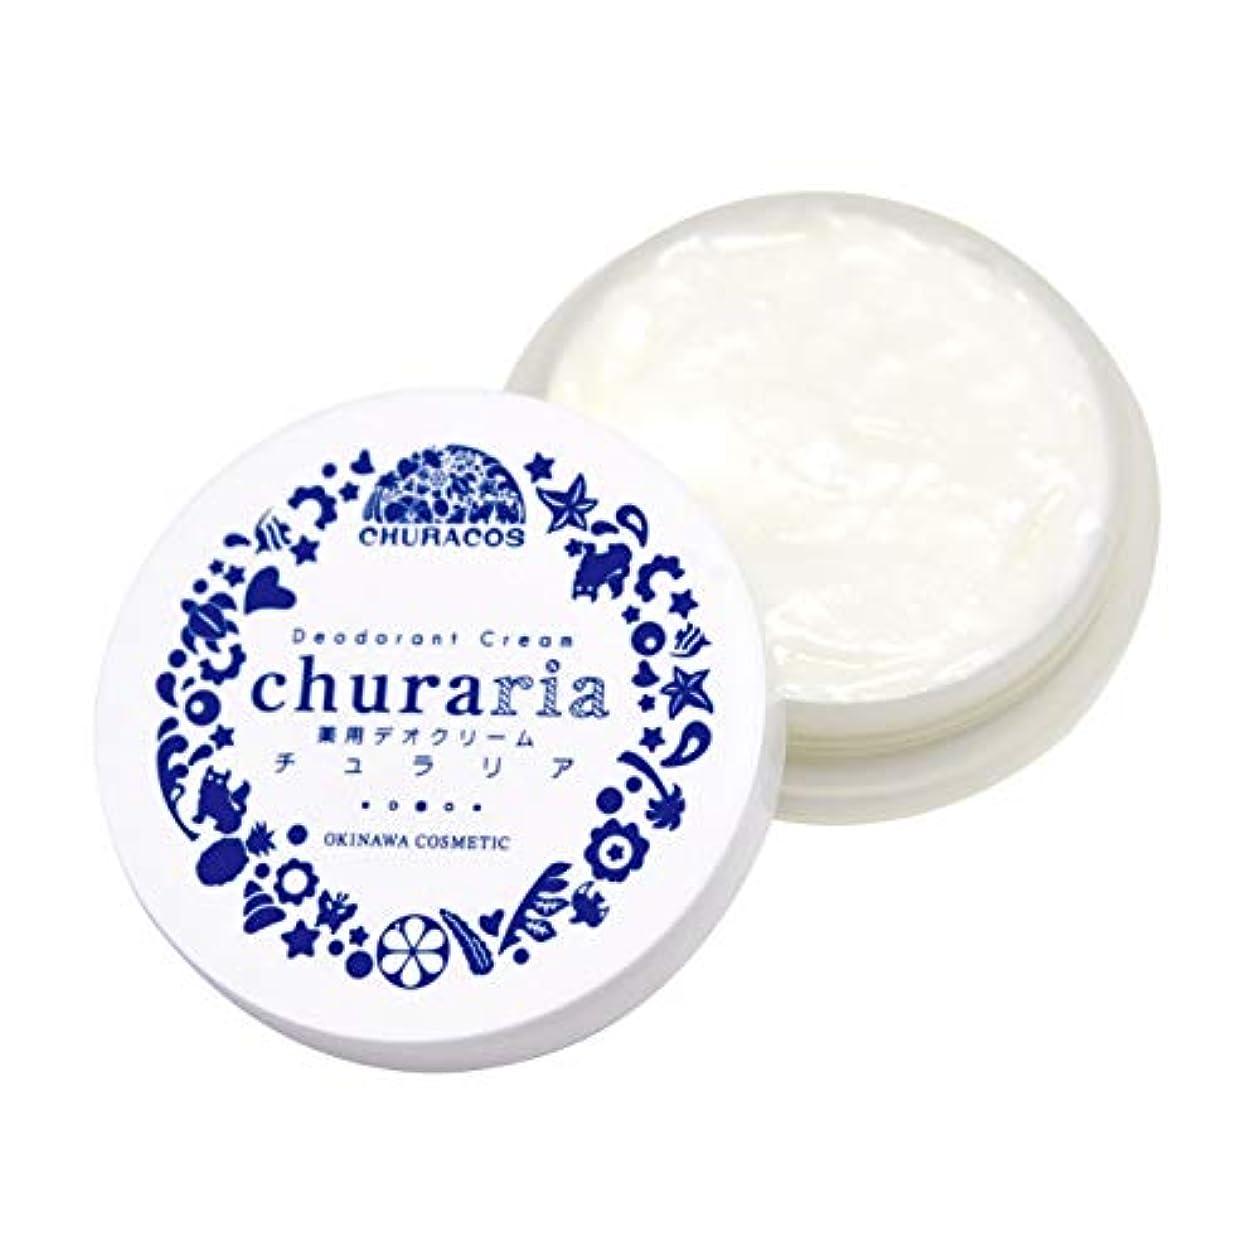 選ぶ日常的に雑多なチュラコス 薬用デオドラントクリーム チュラリア 27g 制汗剤 わきが デリケート (1個)